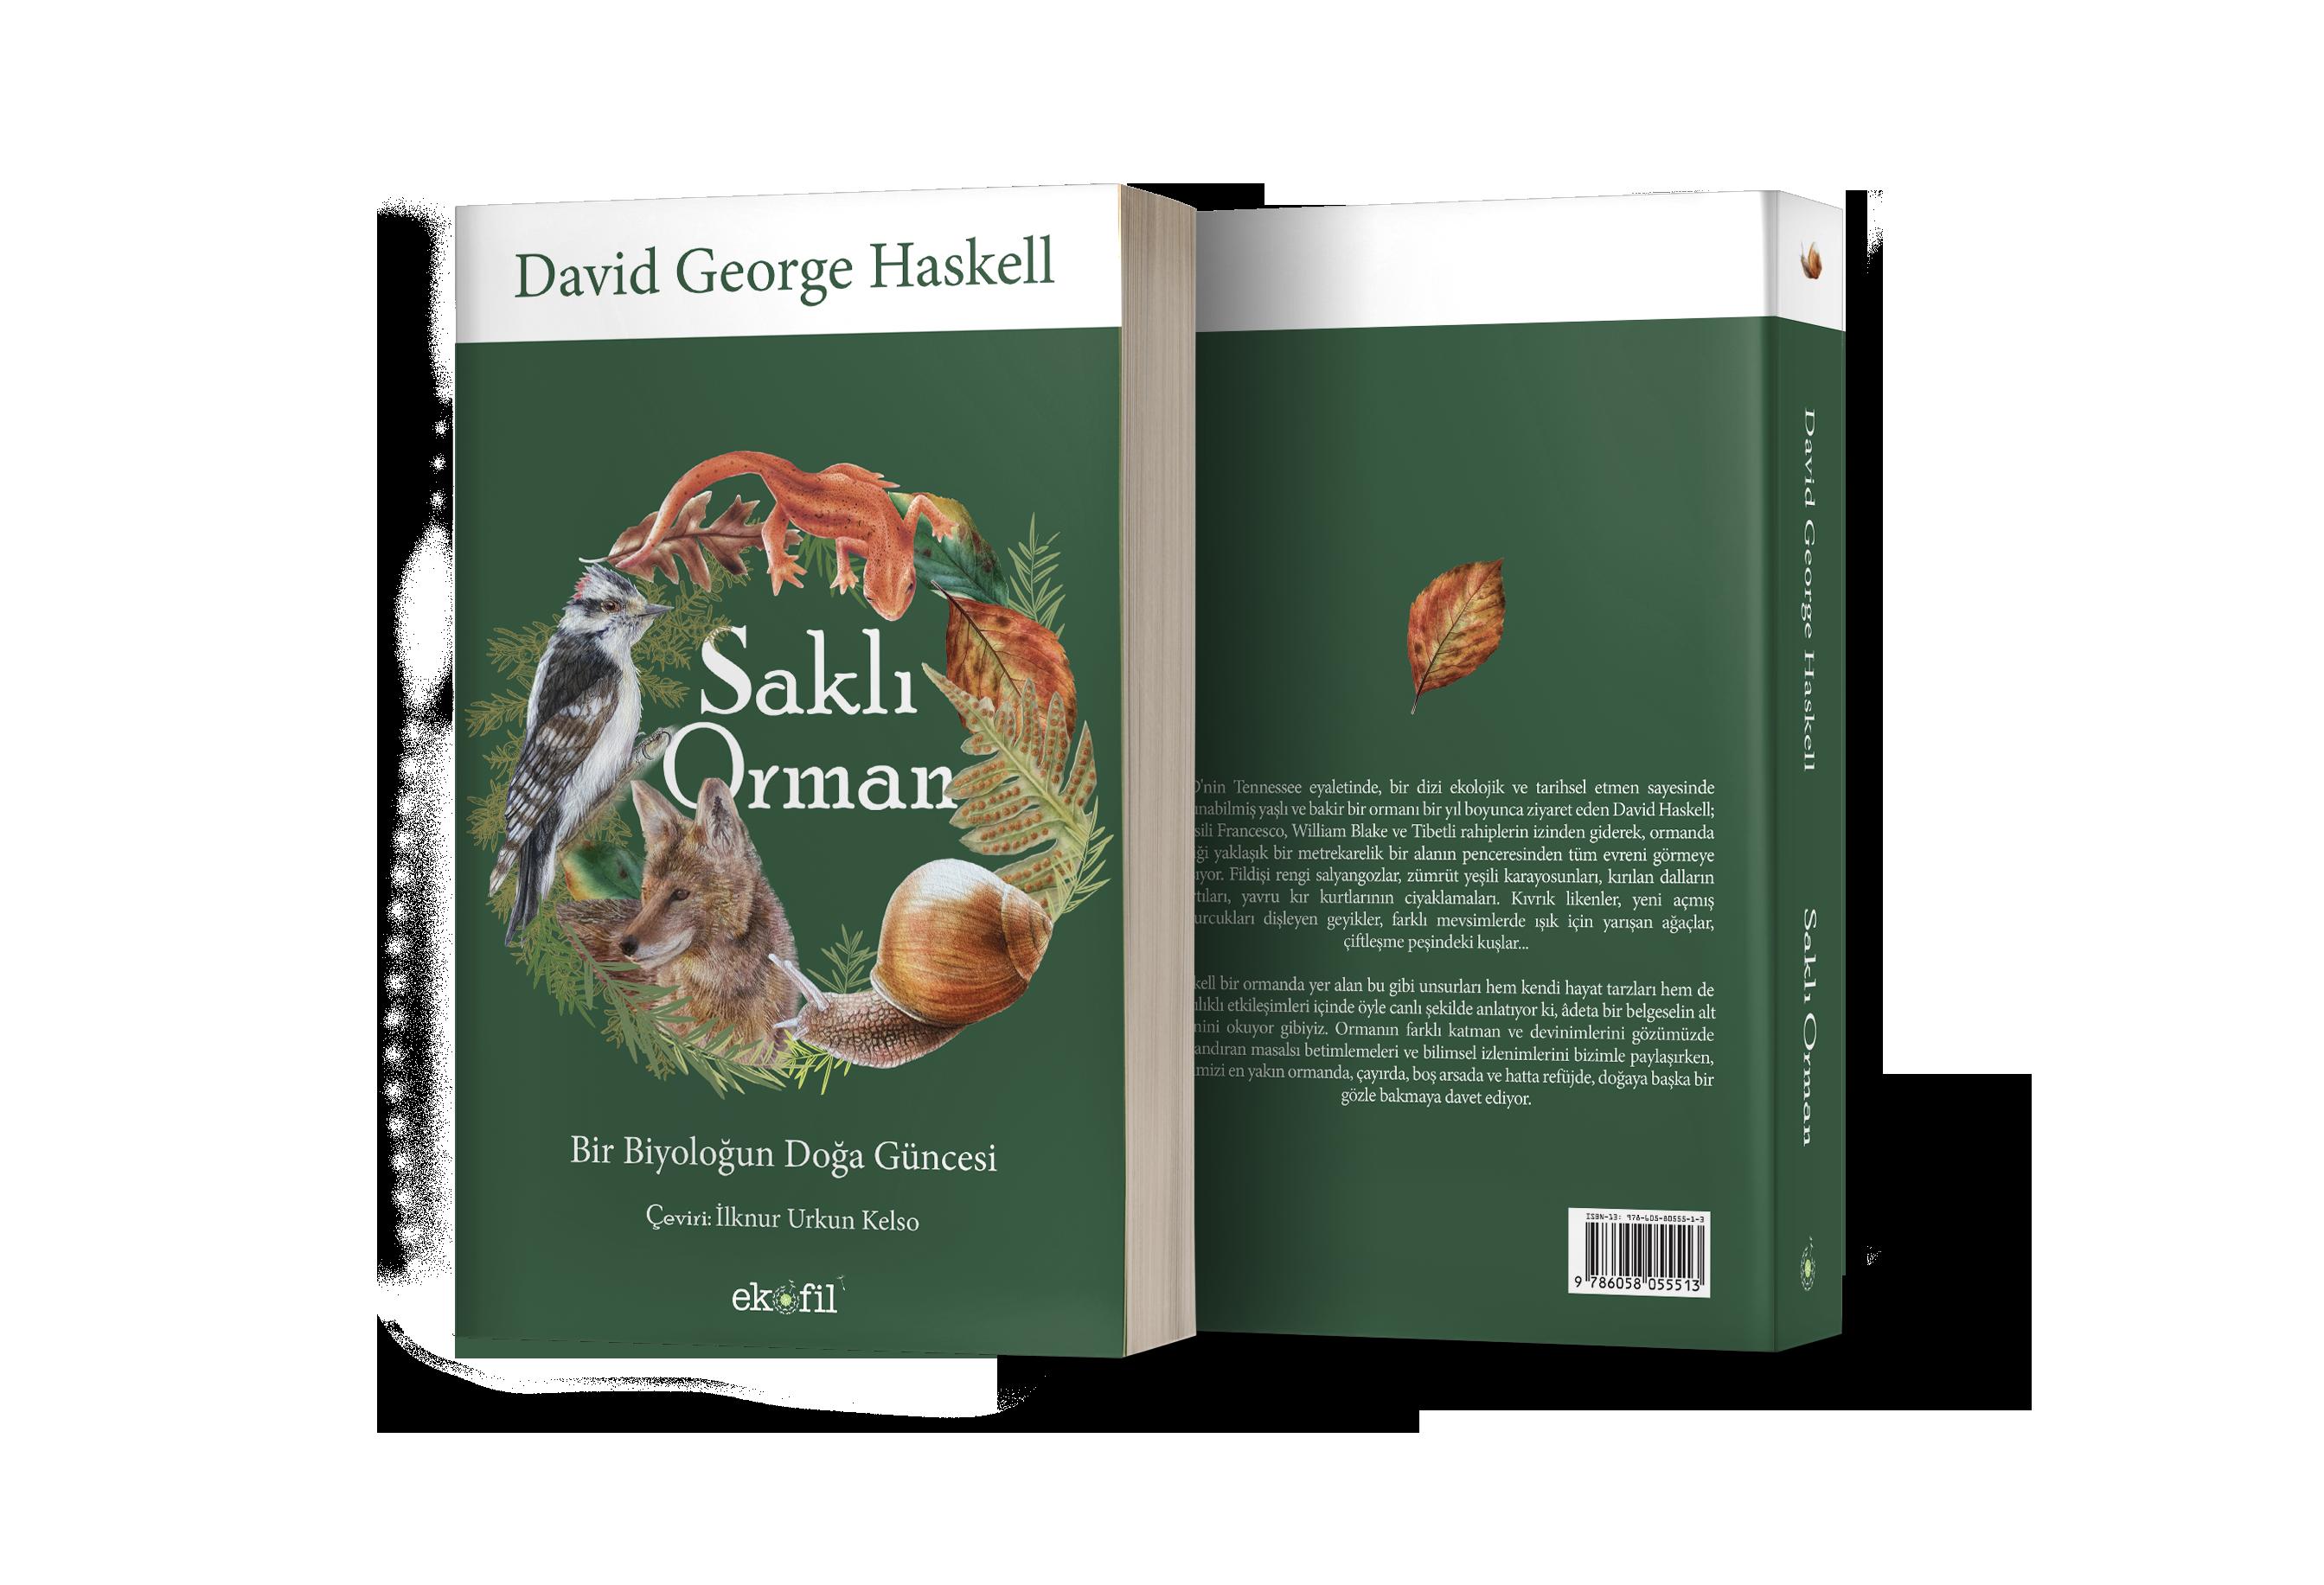 RÖPORTAJ: Ekofil ve Topluluk Destekli Yayıncılığın İlk Adımları